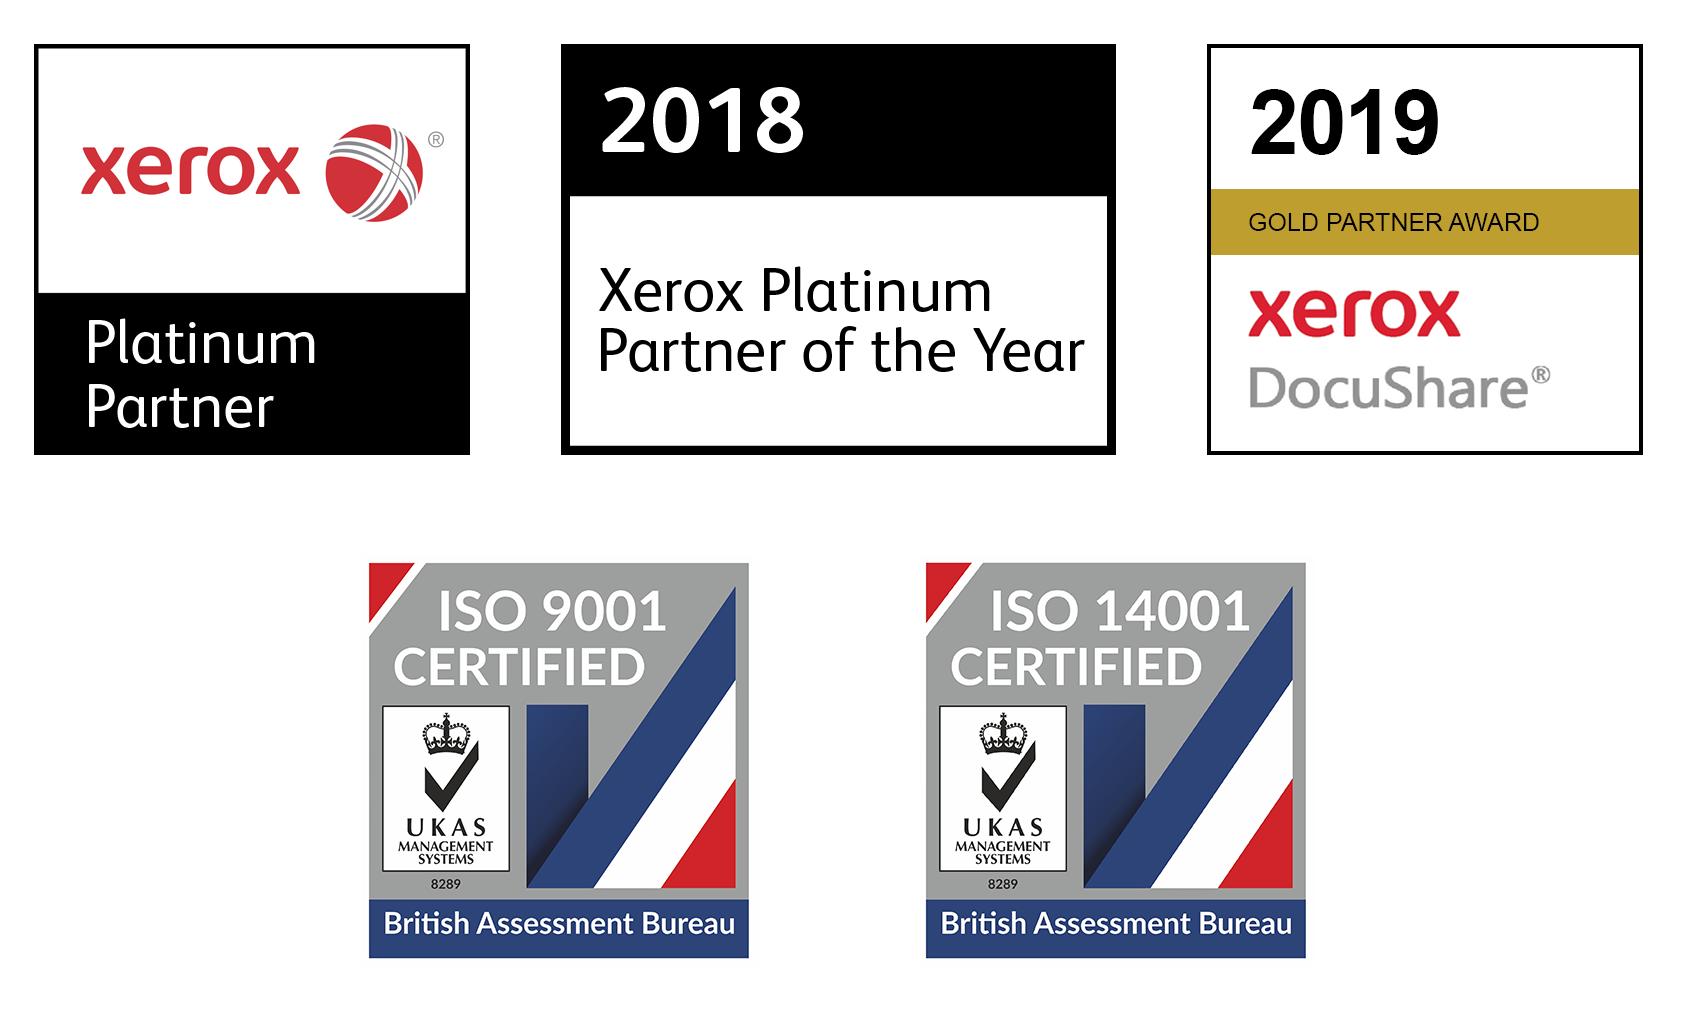 2019 Award Logos and ISO